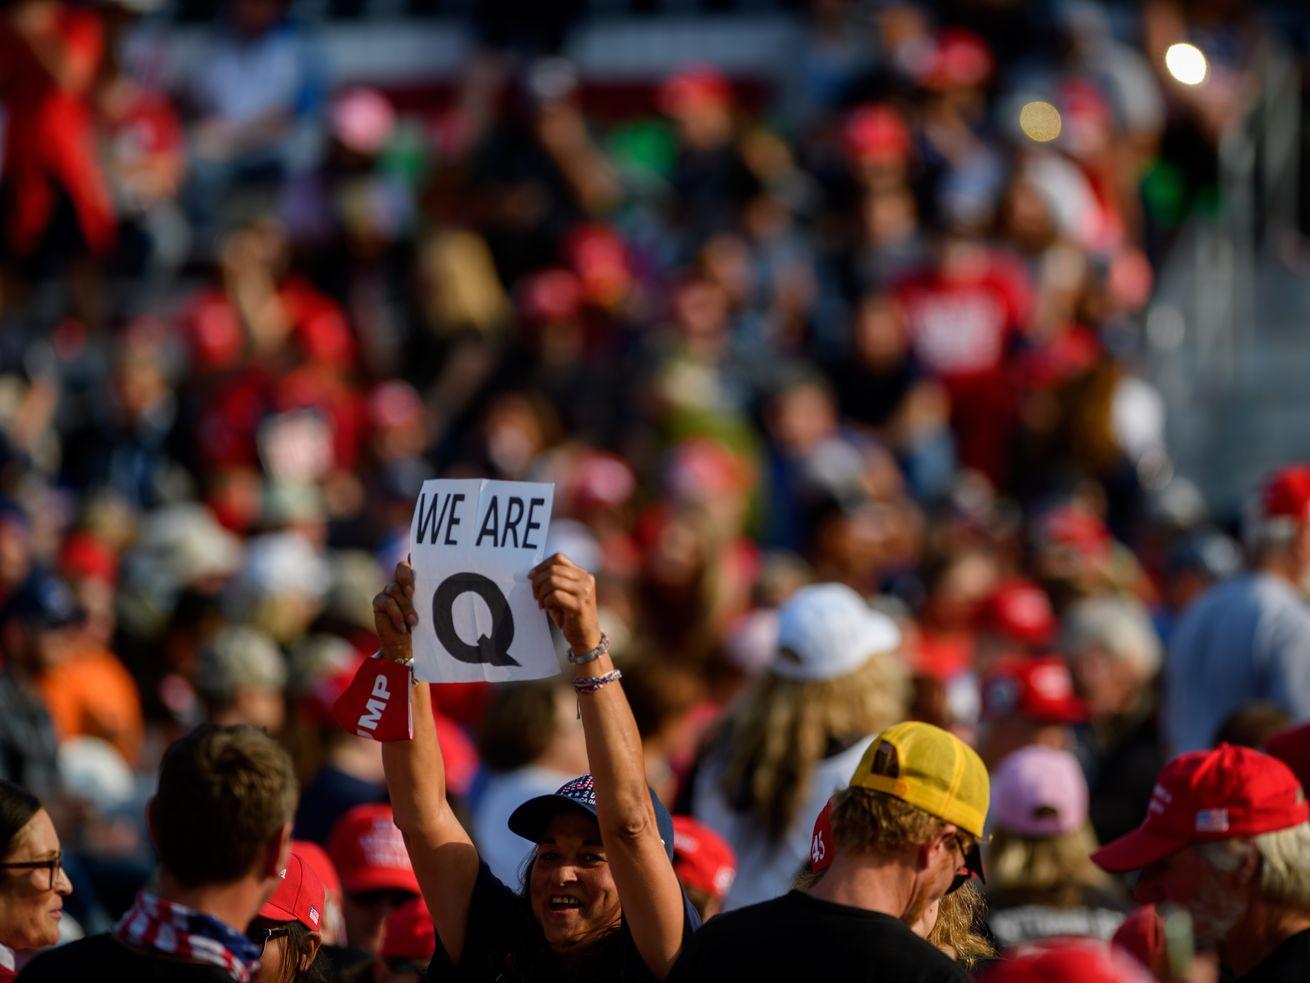 Une personne dans une foule brandit une pancarte indiquant «Nous sommes Q.»